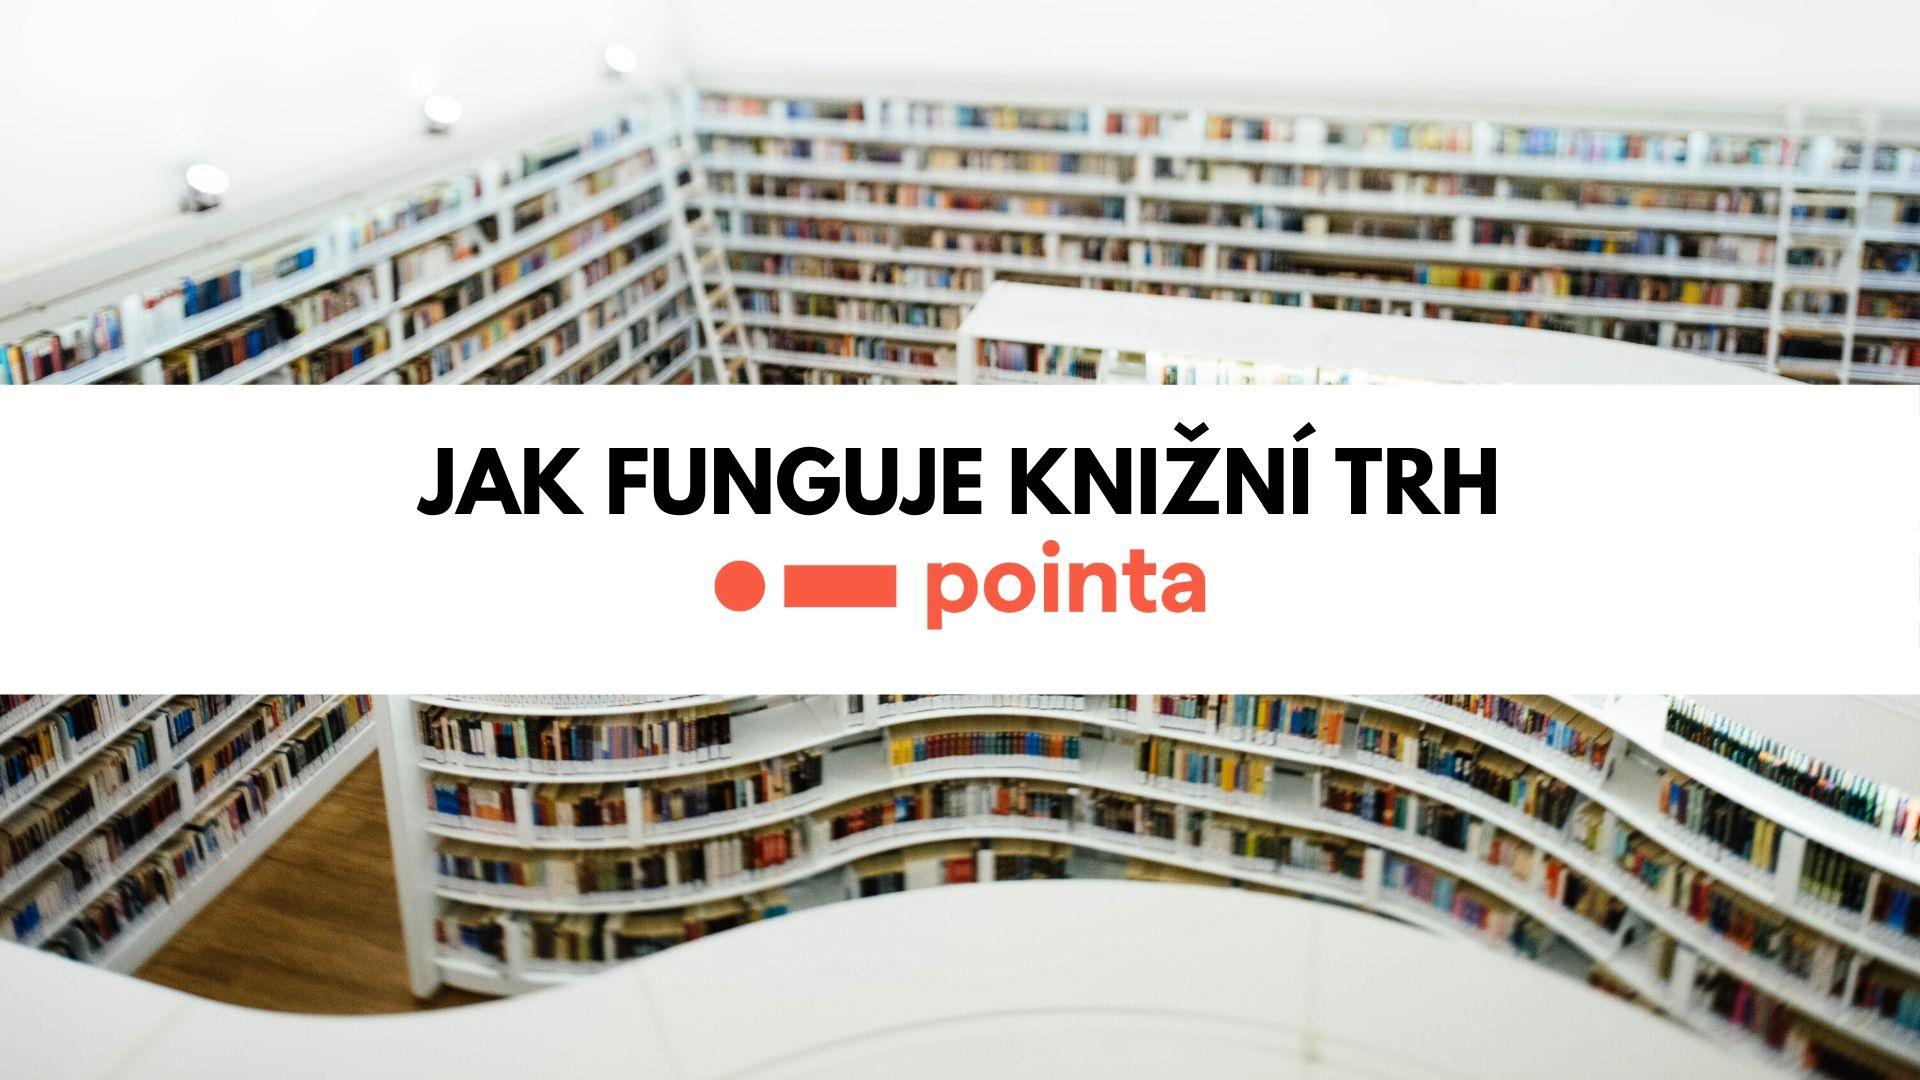 Jak funguje knižní trh